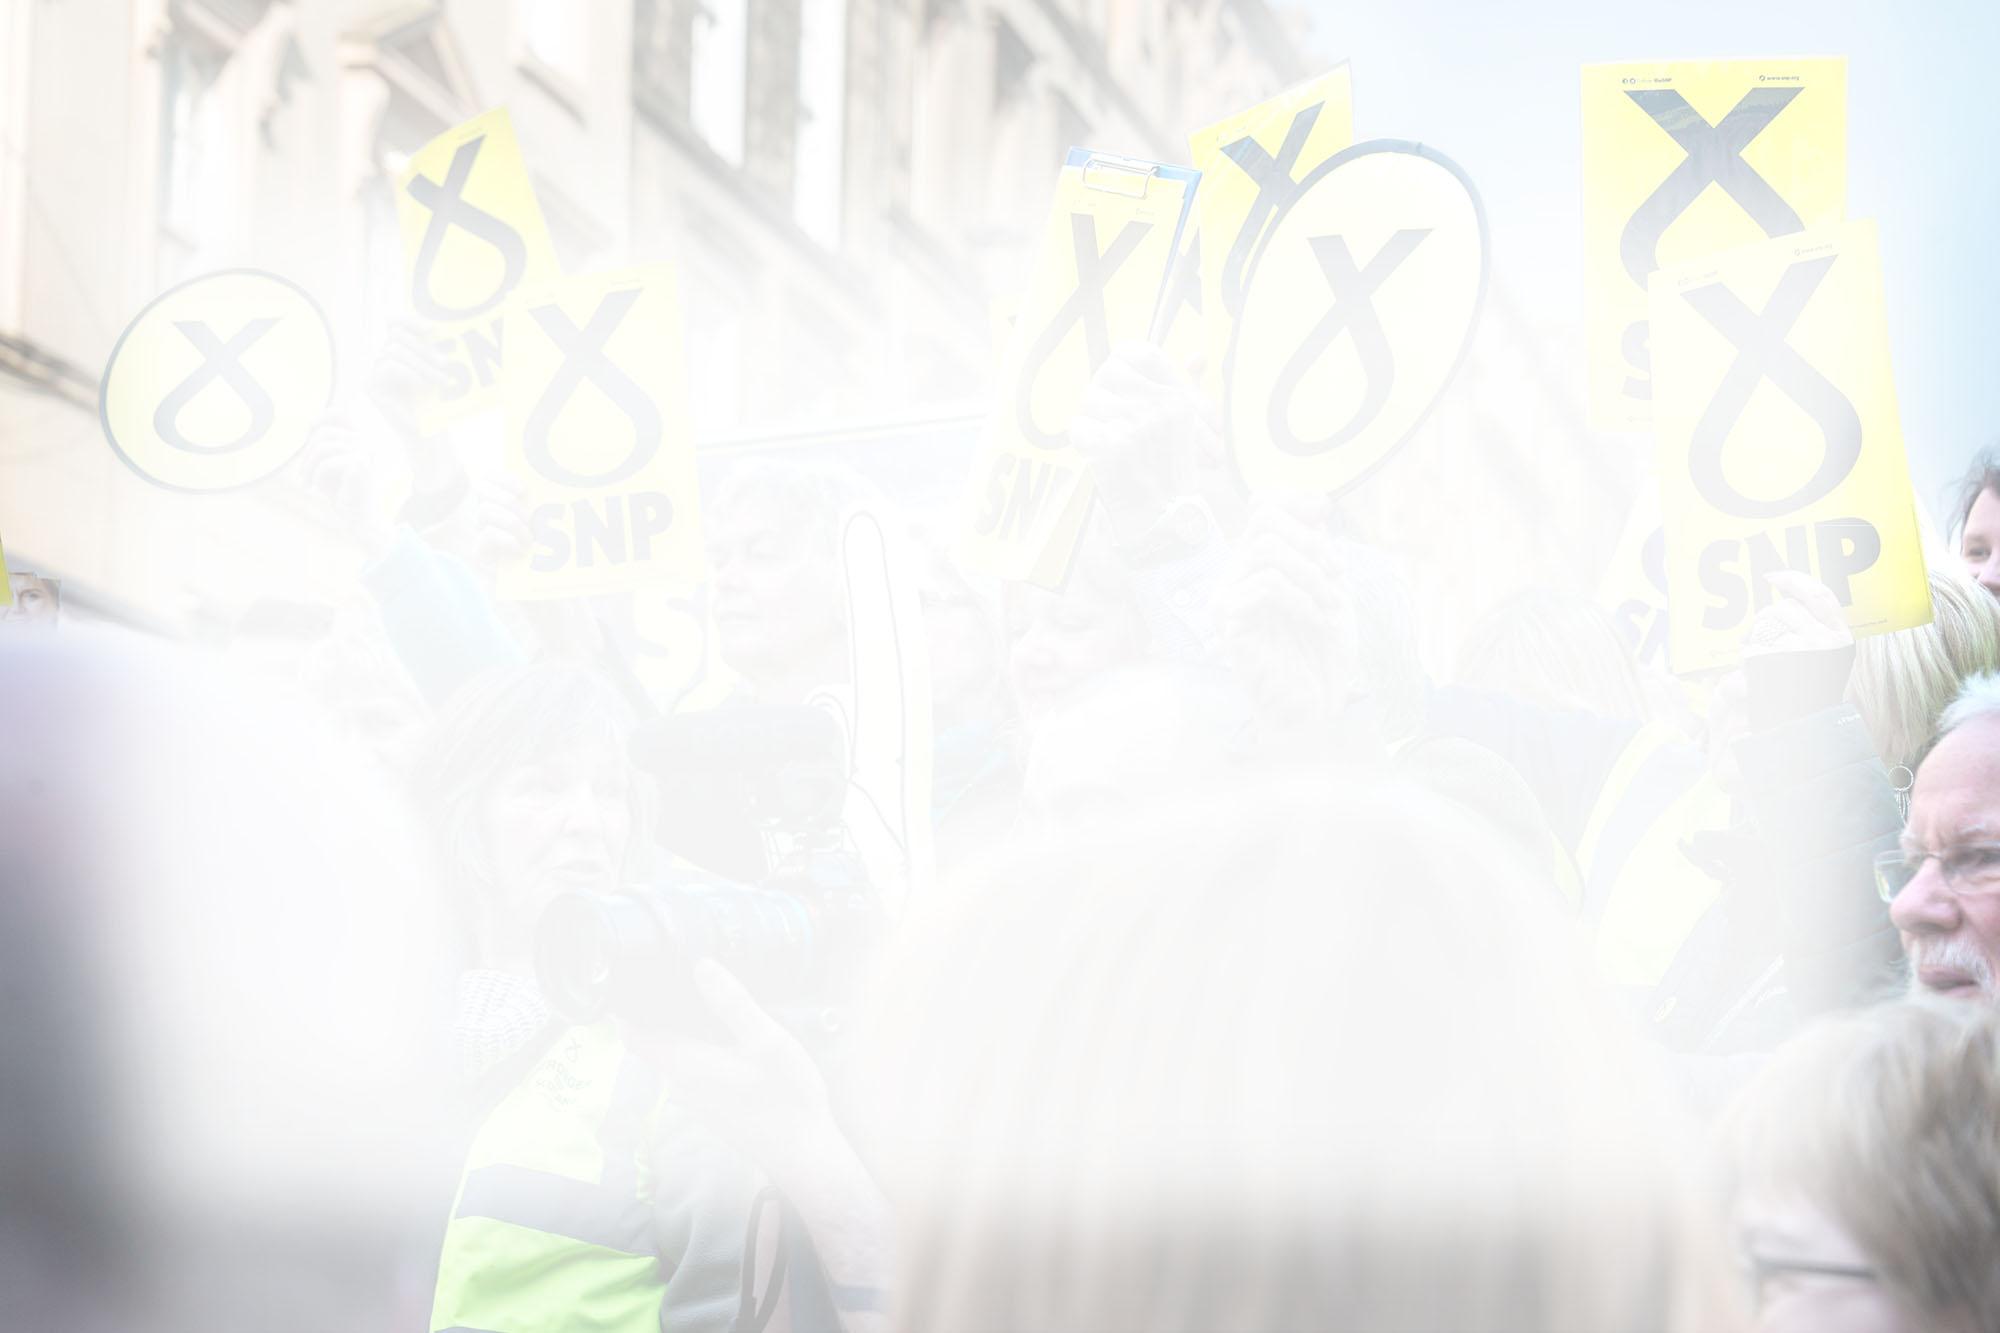 ba19816ec25d5ad7a5eb7f17cf66eb96.jpg